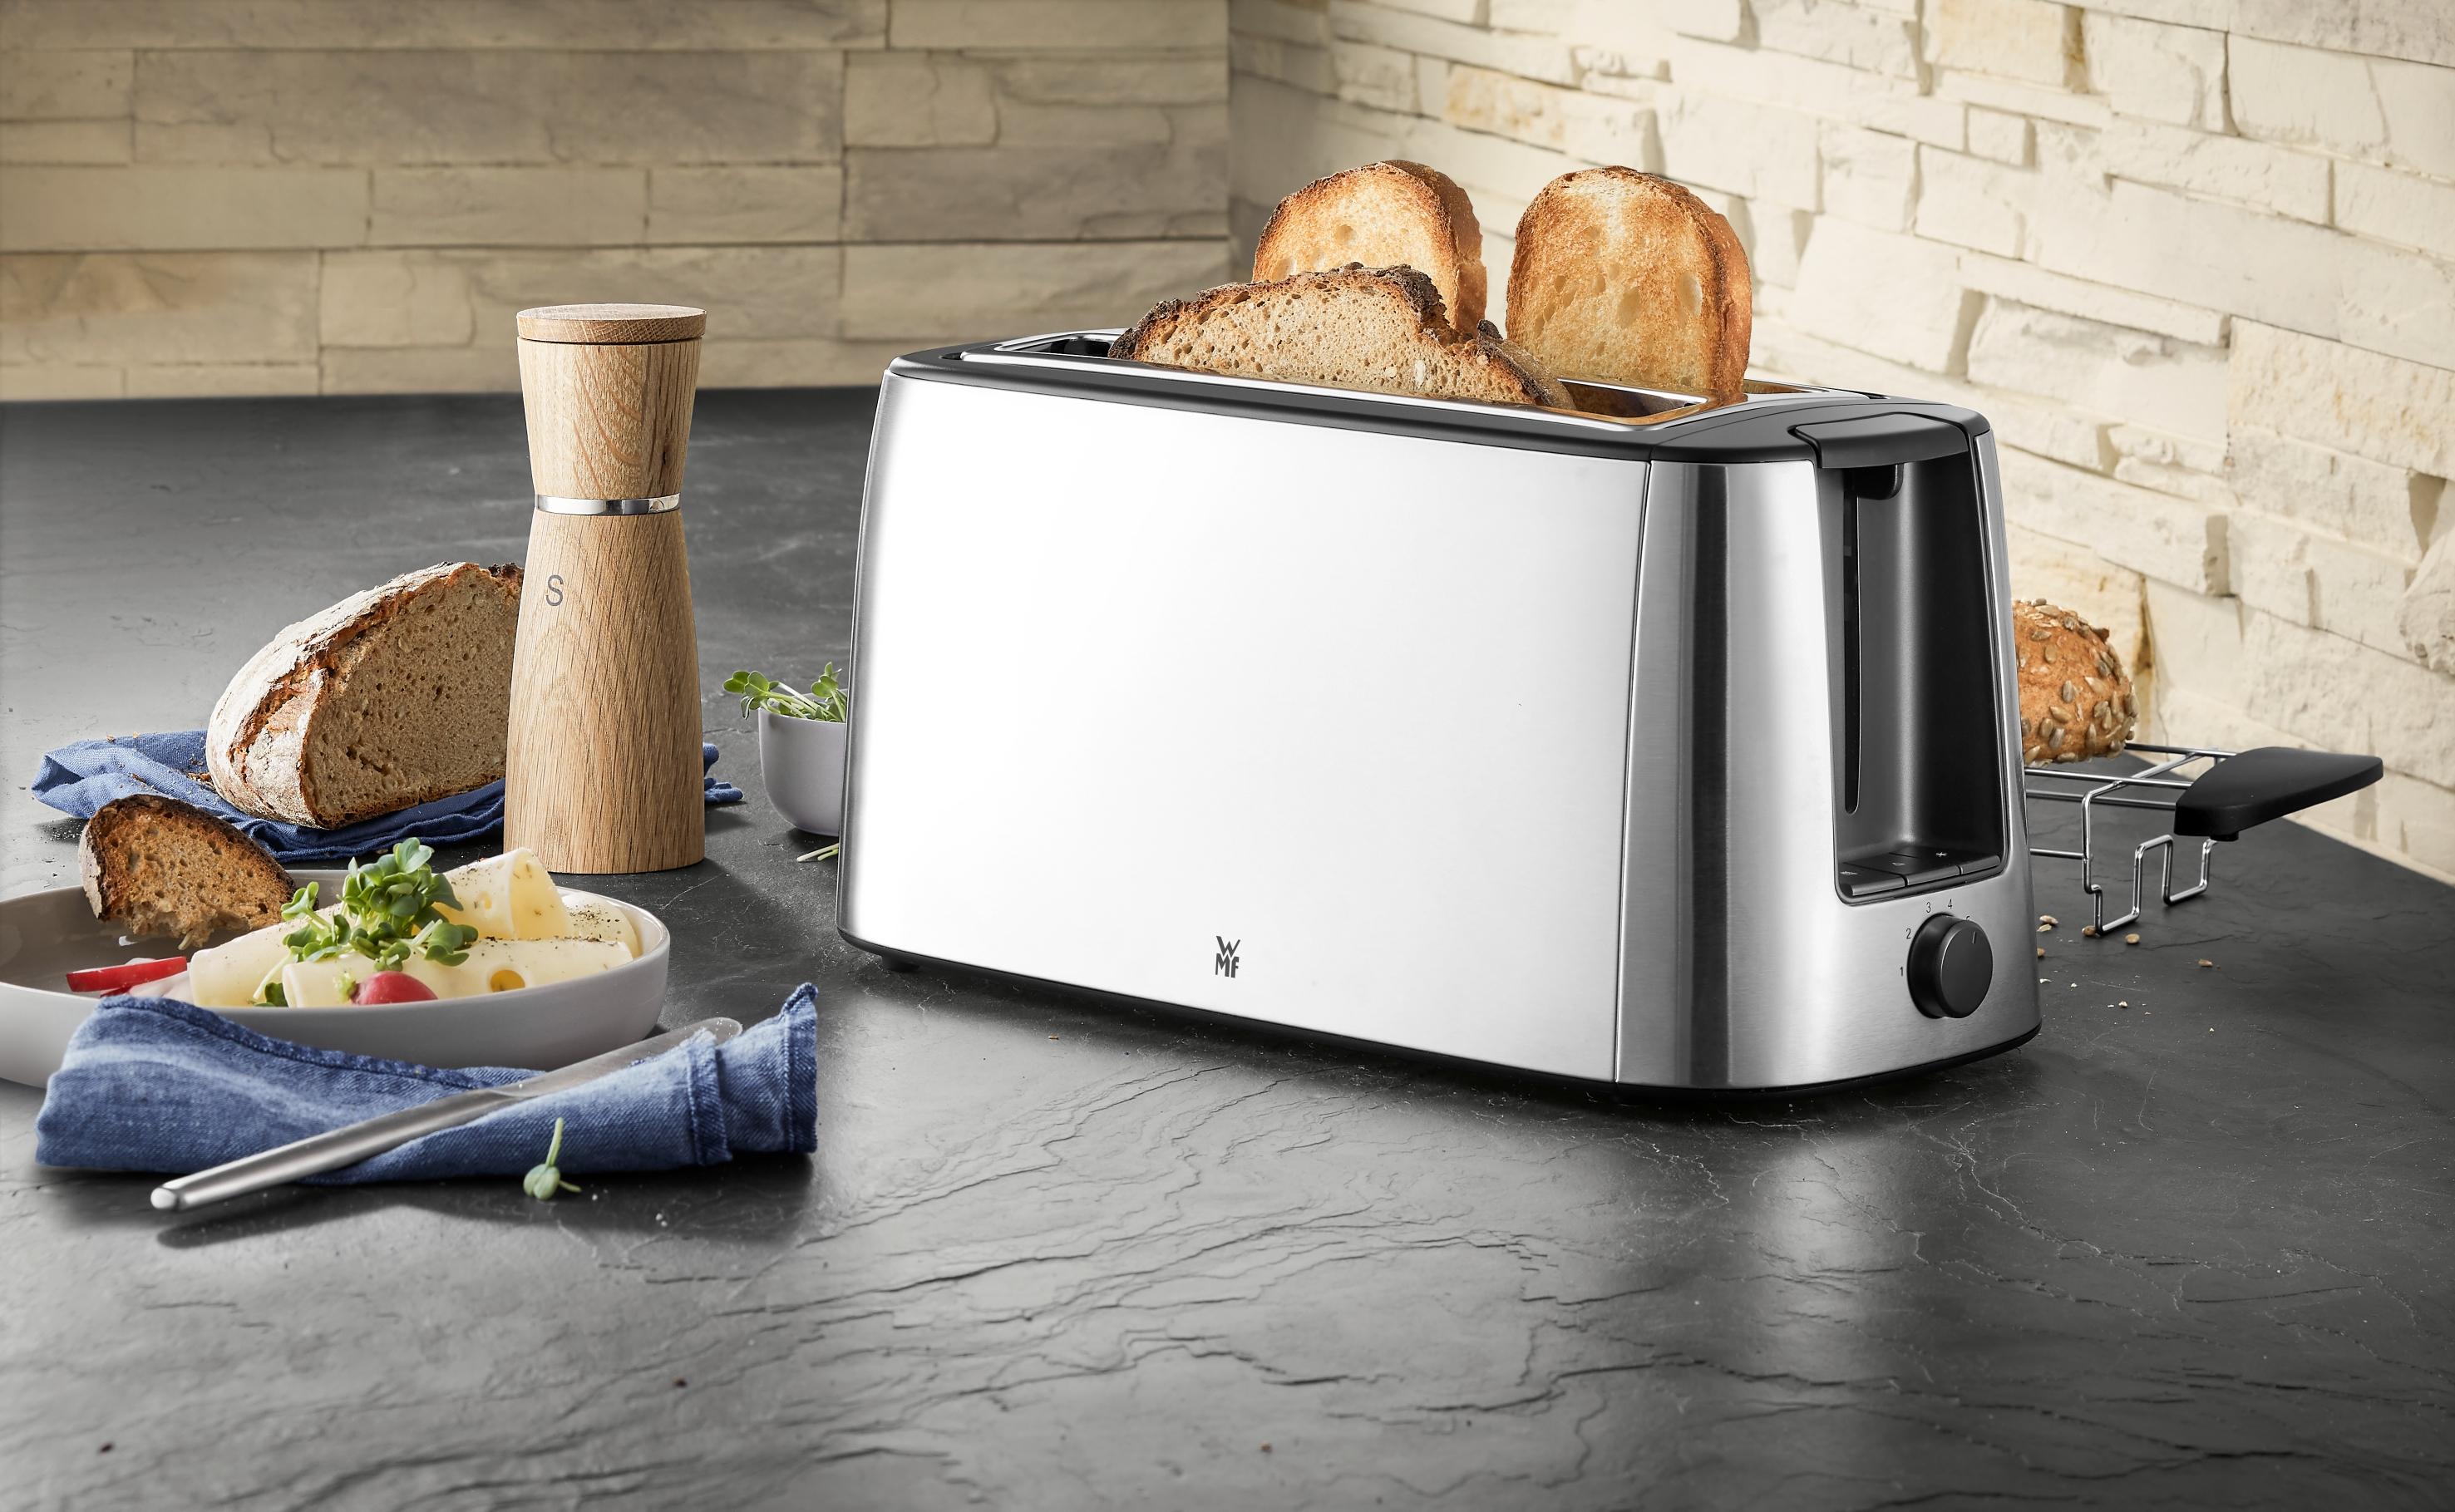 BUENO Pro 4 Dilimli Ekmek Kızartma Makinesi: Günlük Performans